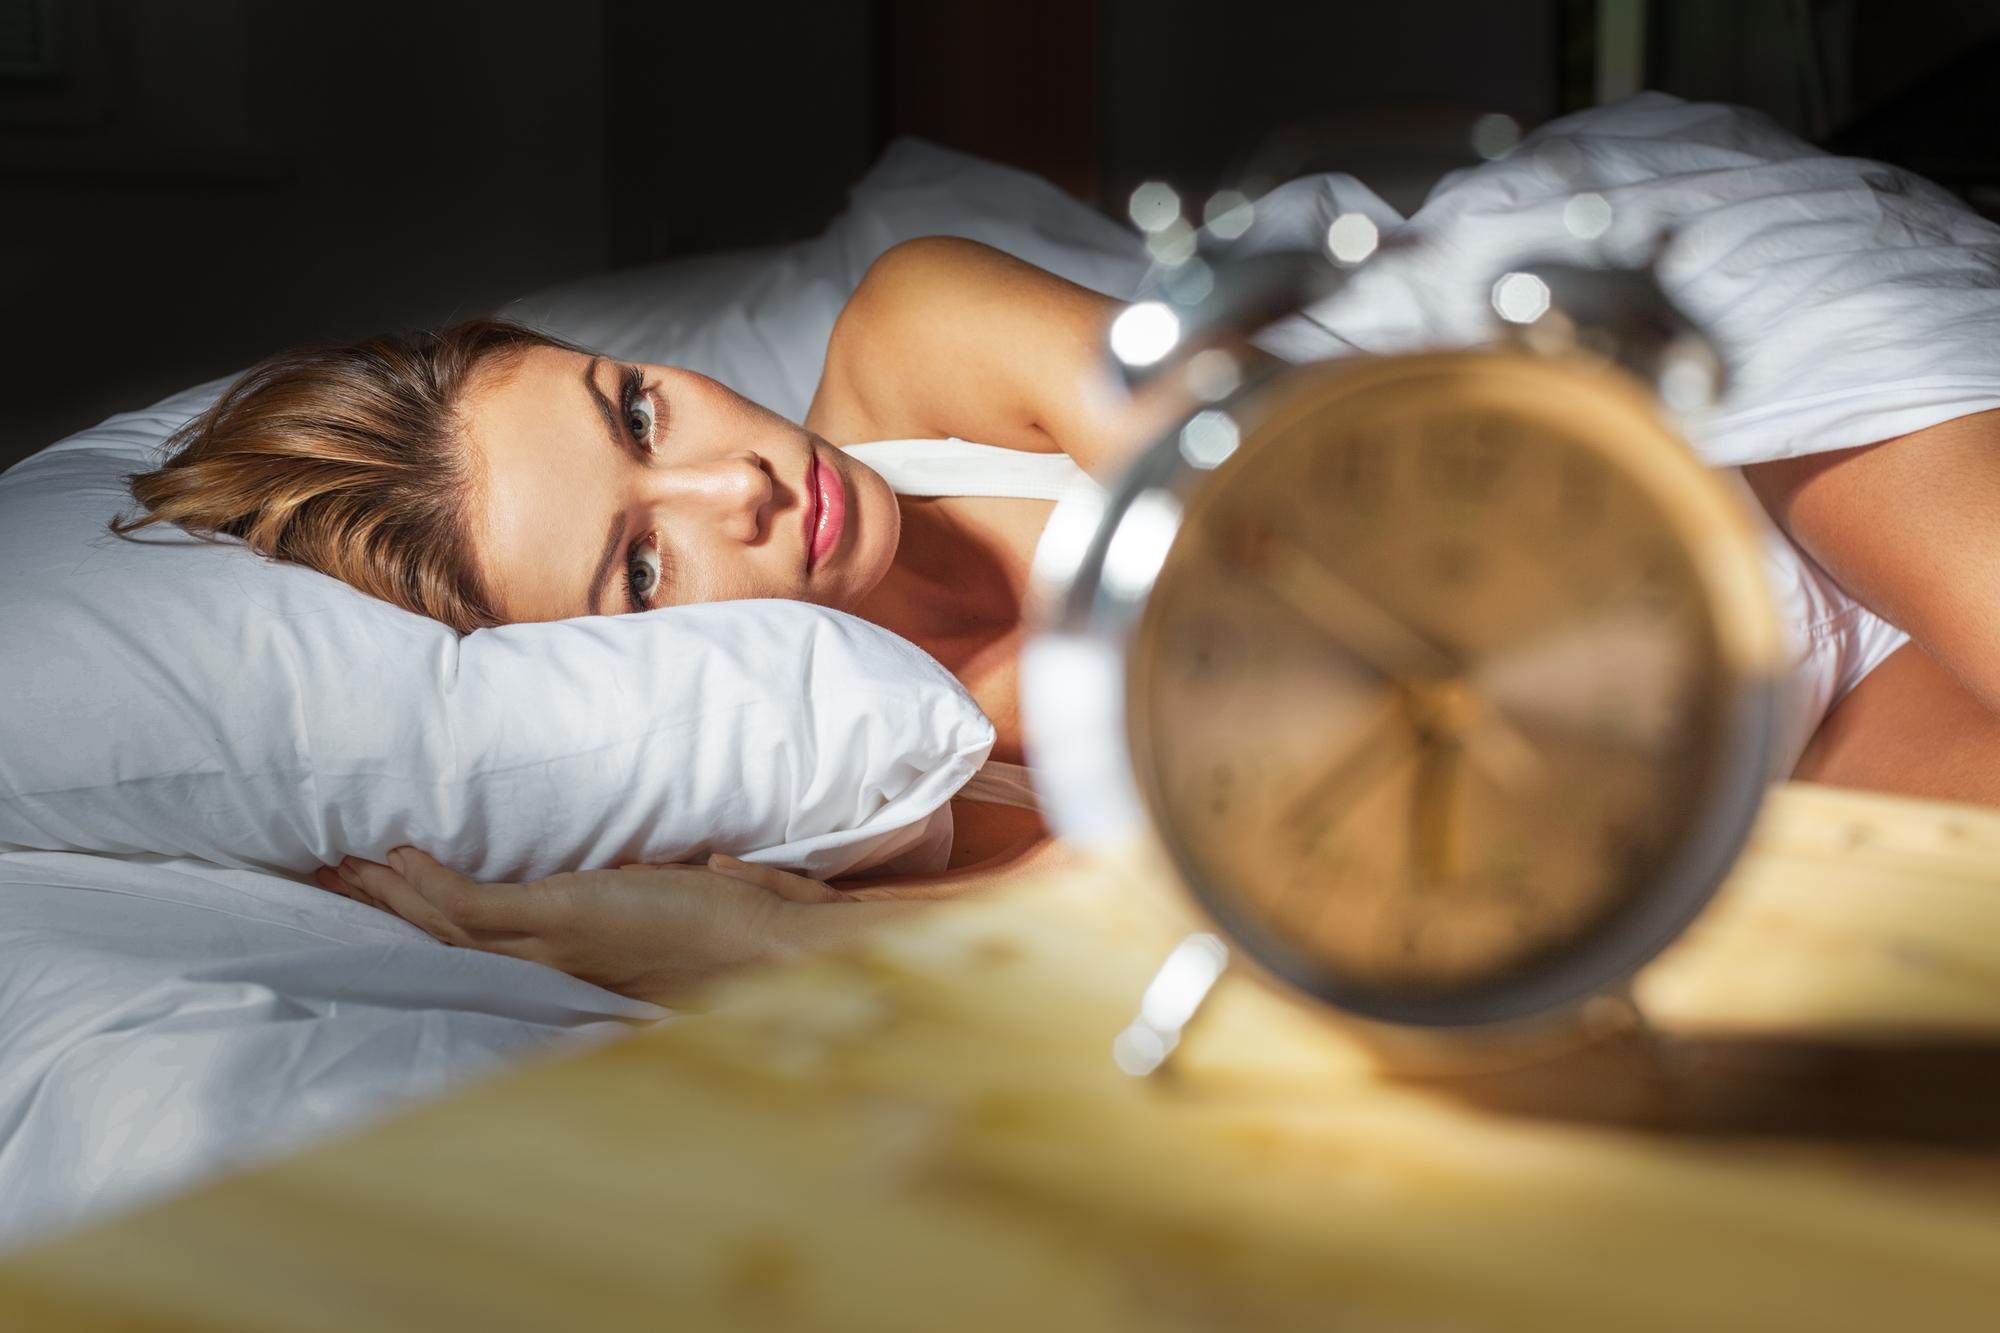 Вопрос-ответ: Почему вы просыпаетесь среди ночи